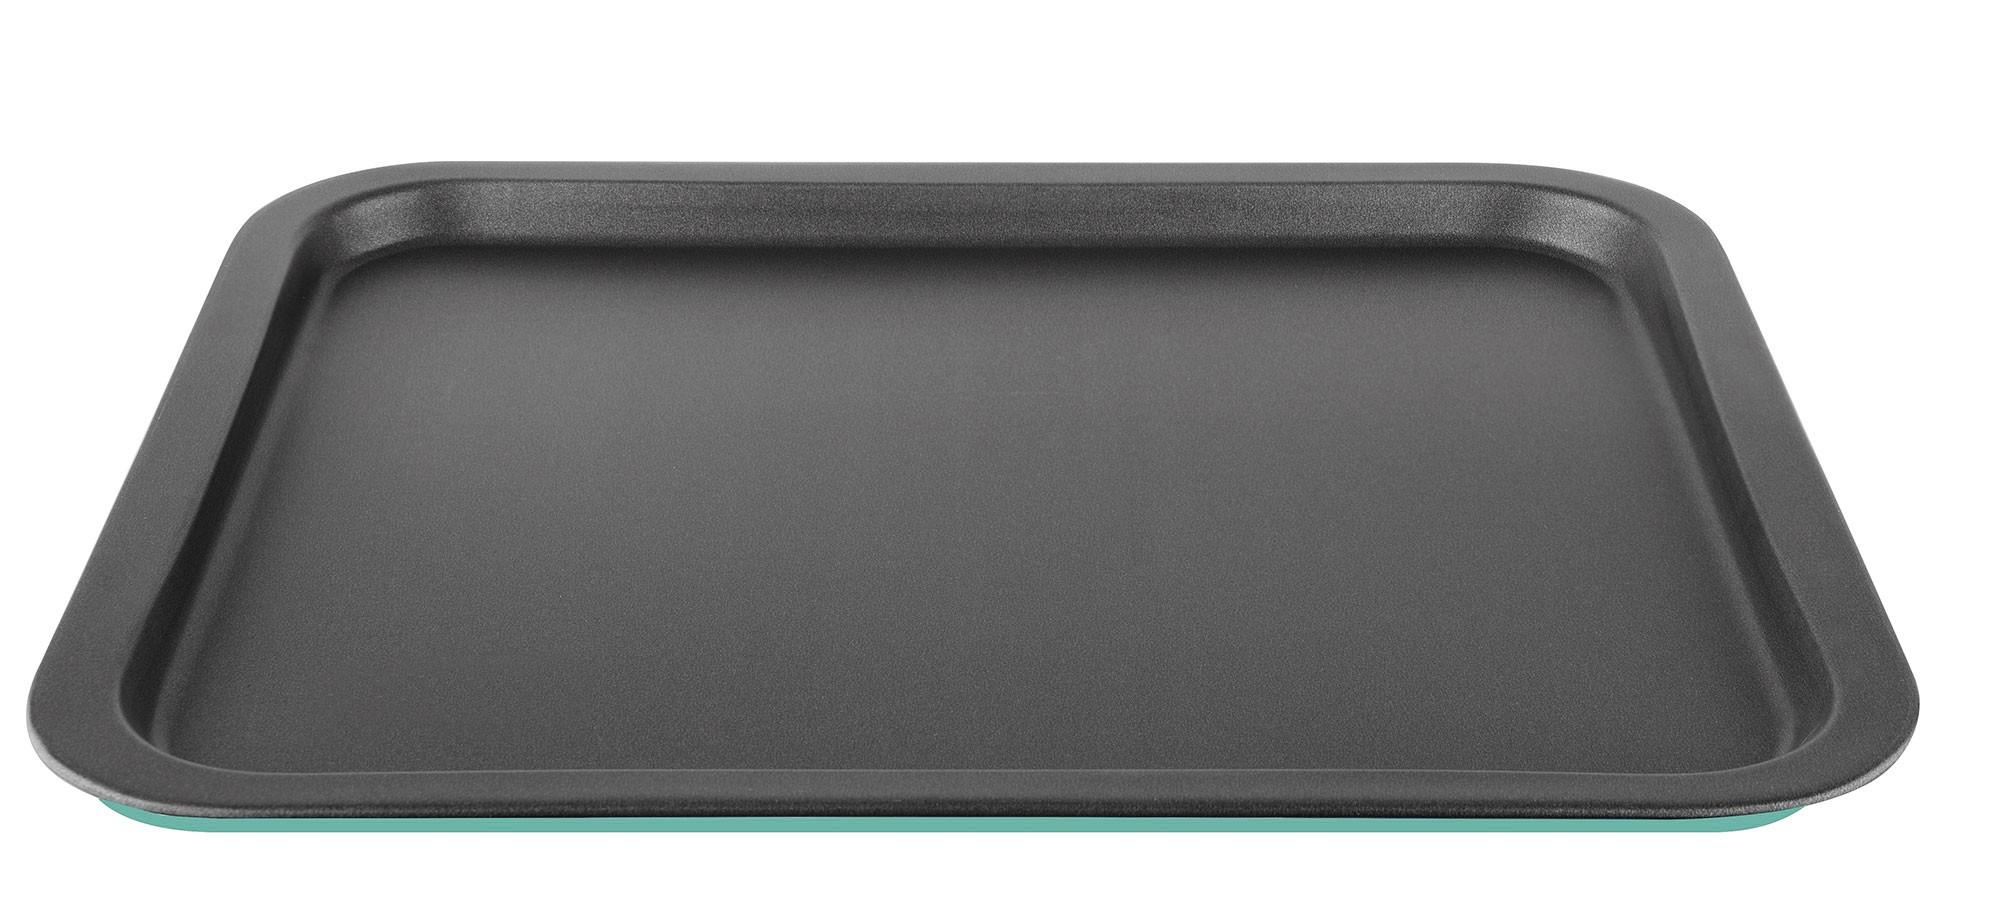 Ταψί Ζαχαροπλαστικής Ορθογώνιο Αντικολλητικό COLORS 43Χ37cm (800Α)